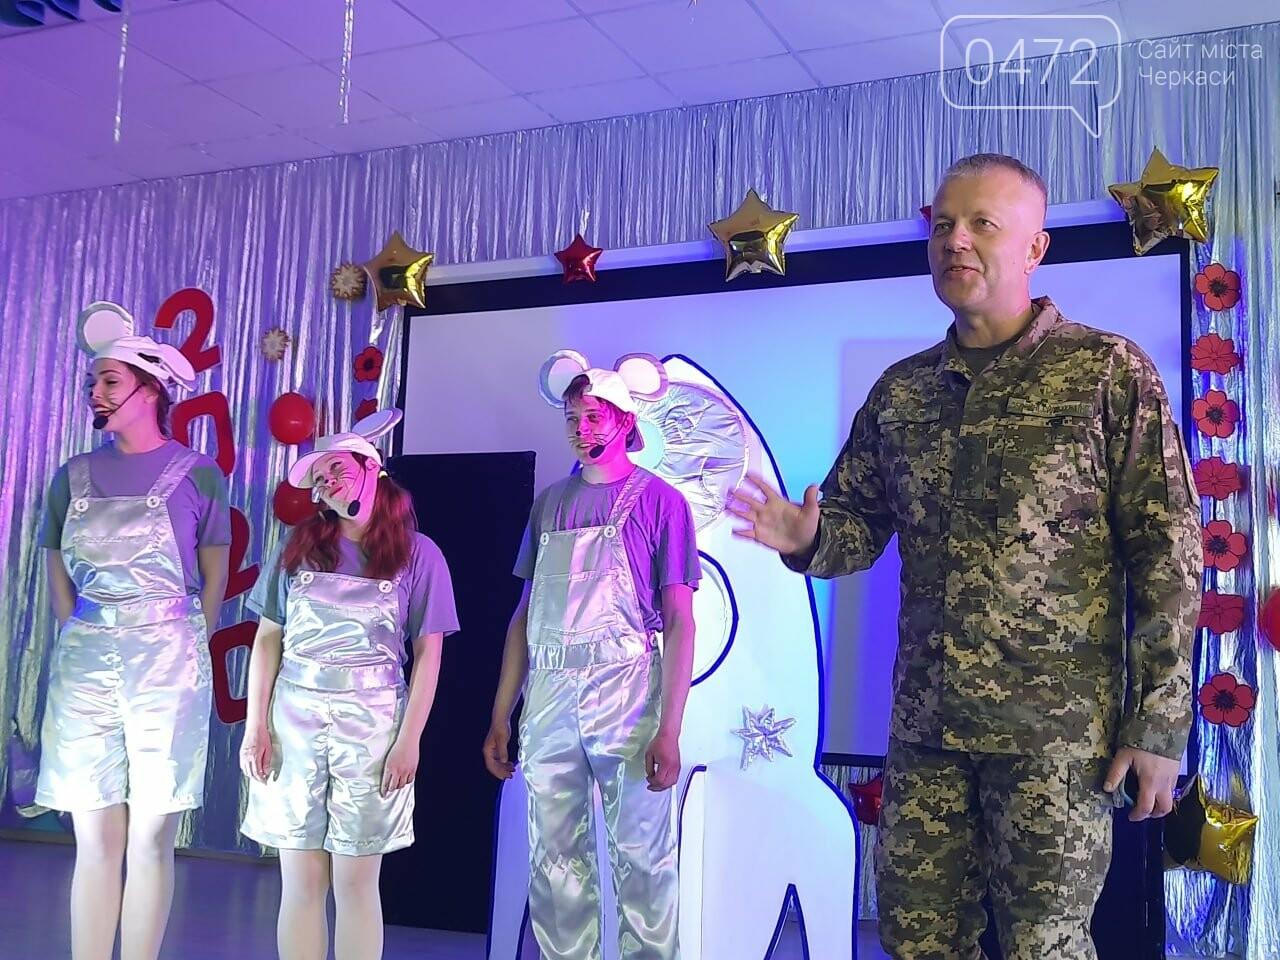 Більше ніж благодійність: «АТБ» передала три тисячі великодніх подарунків дітям із «сірої» зони Донбасу, фото-6